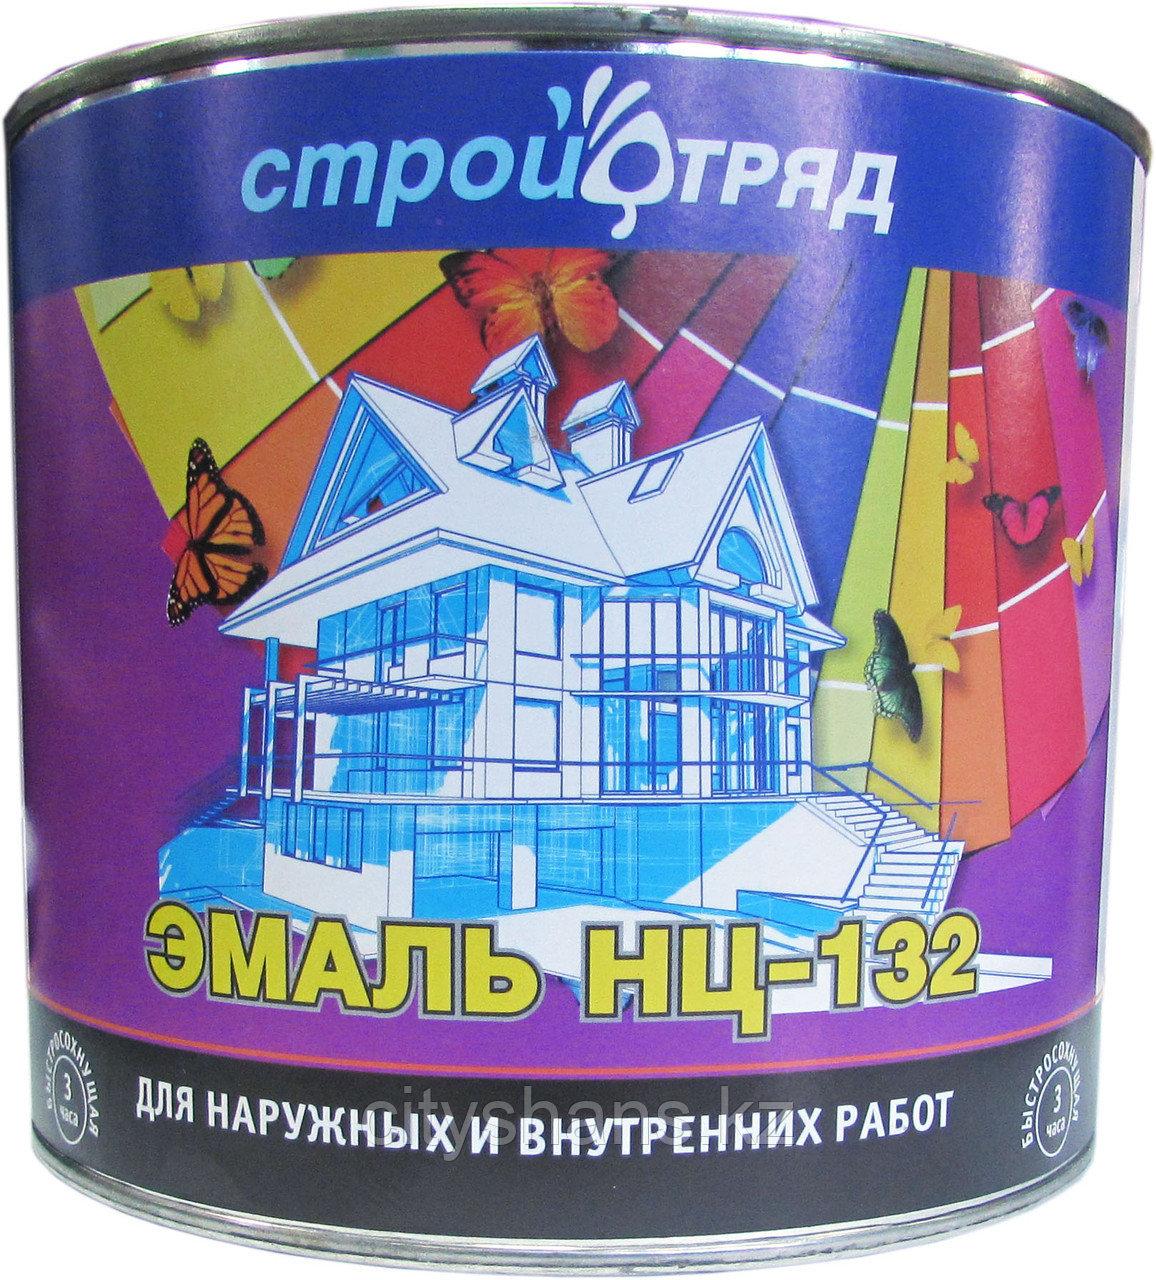 ЭМАЛЬ НЦ-132 зеленая 23 кг